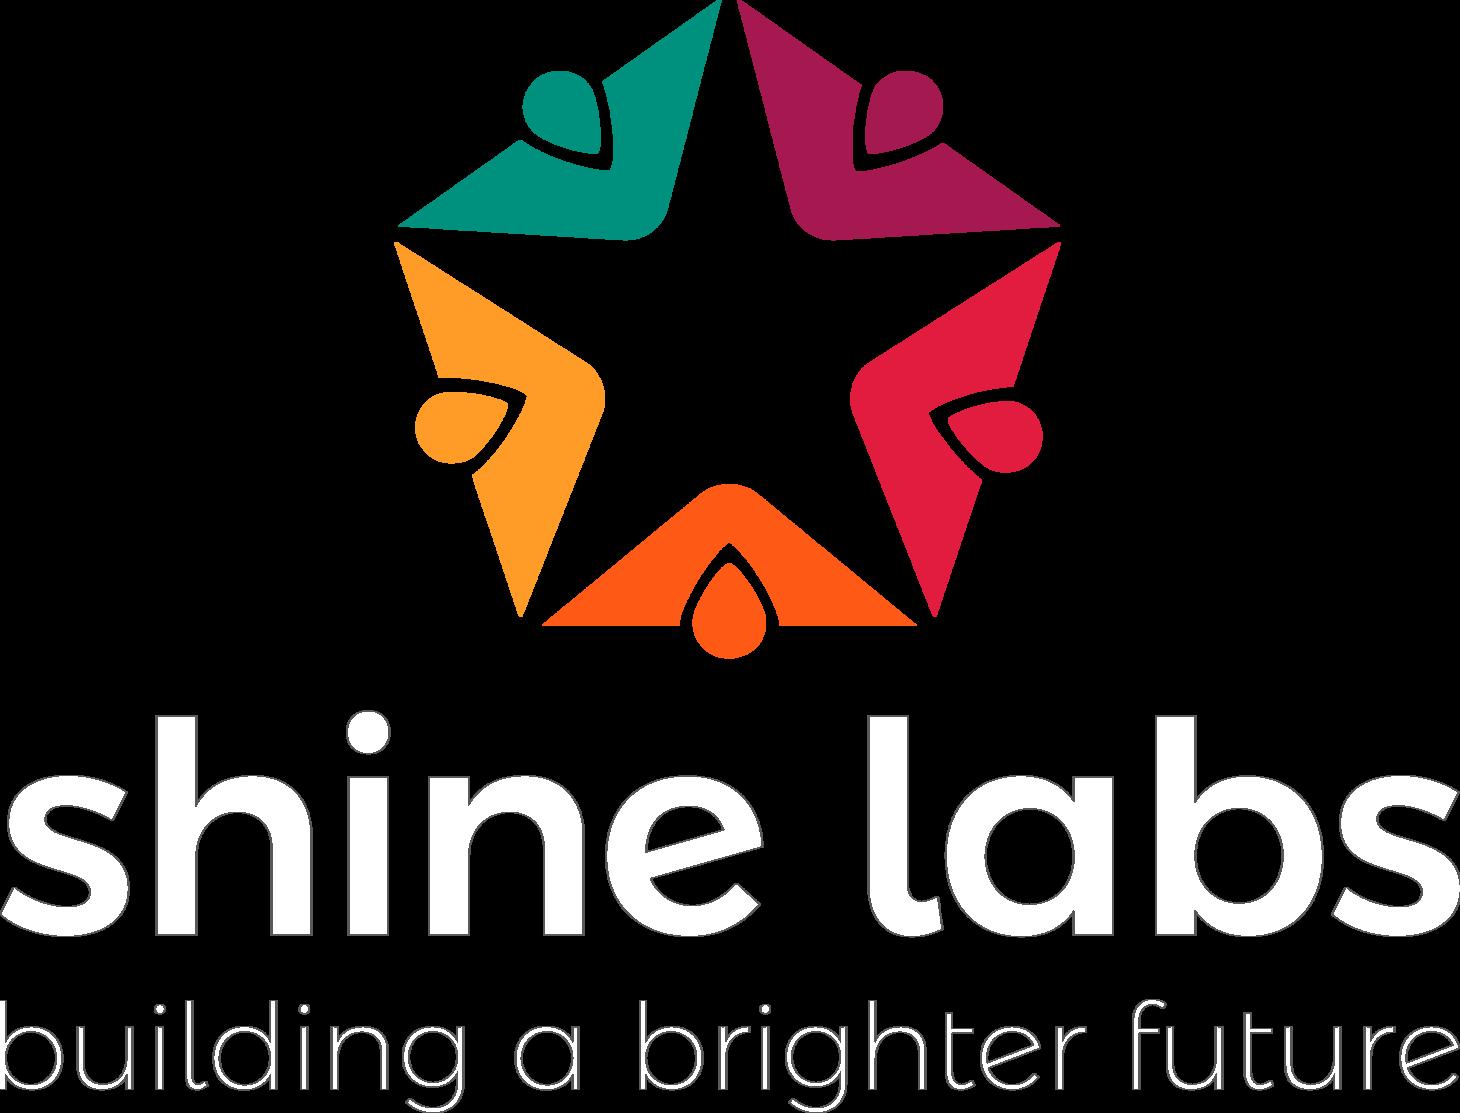 Shine Labs Building A Brighter Future